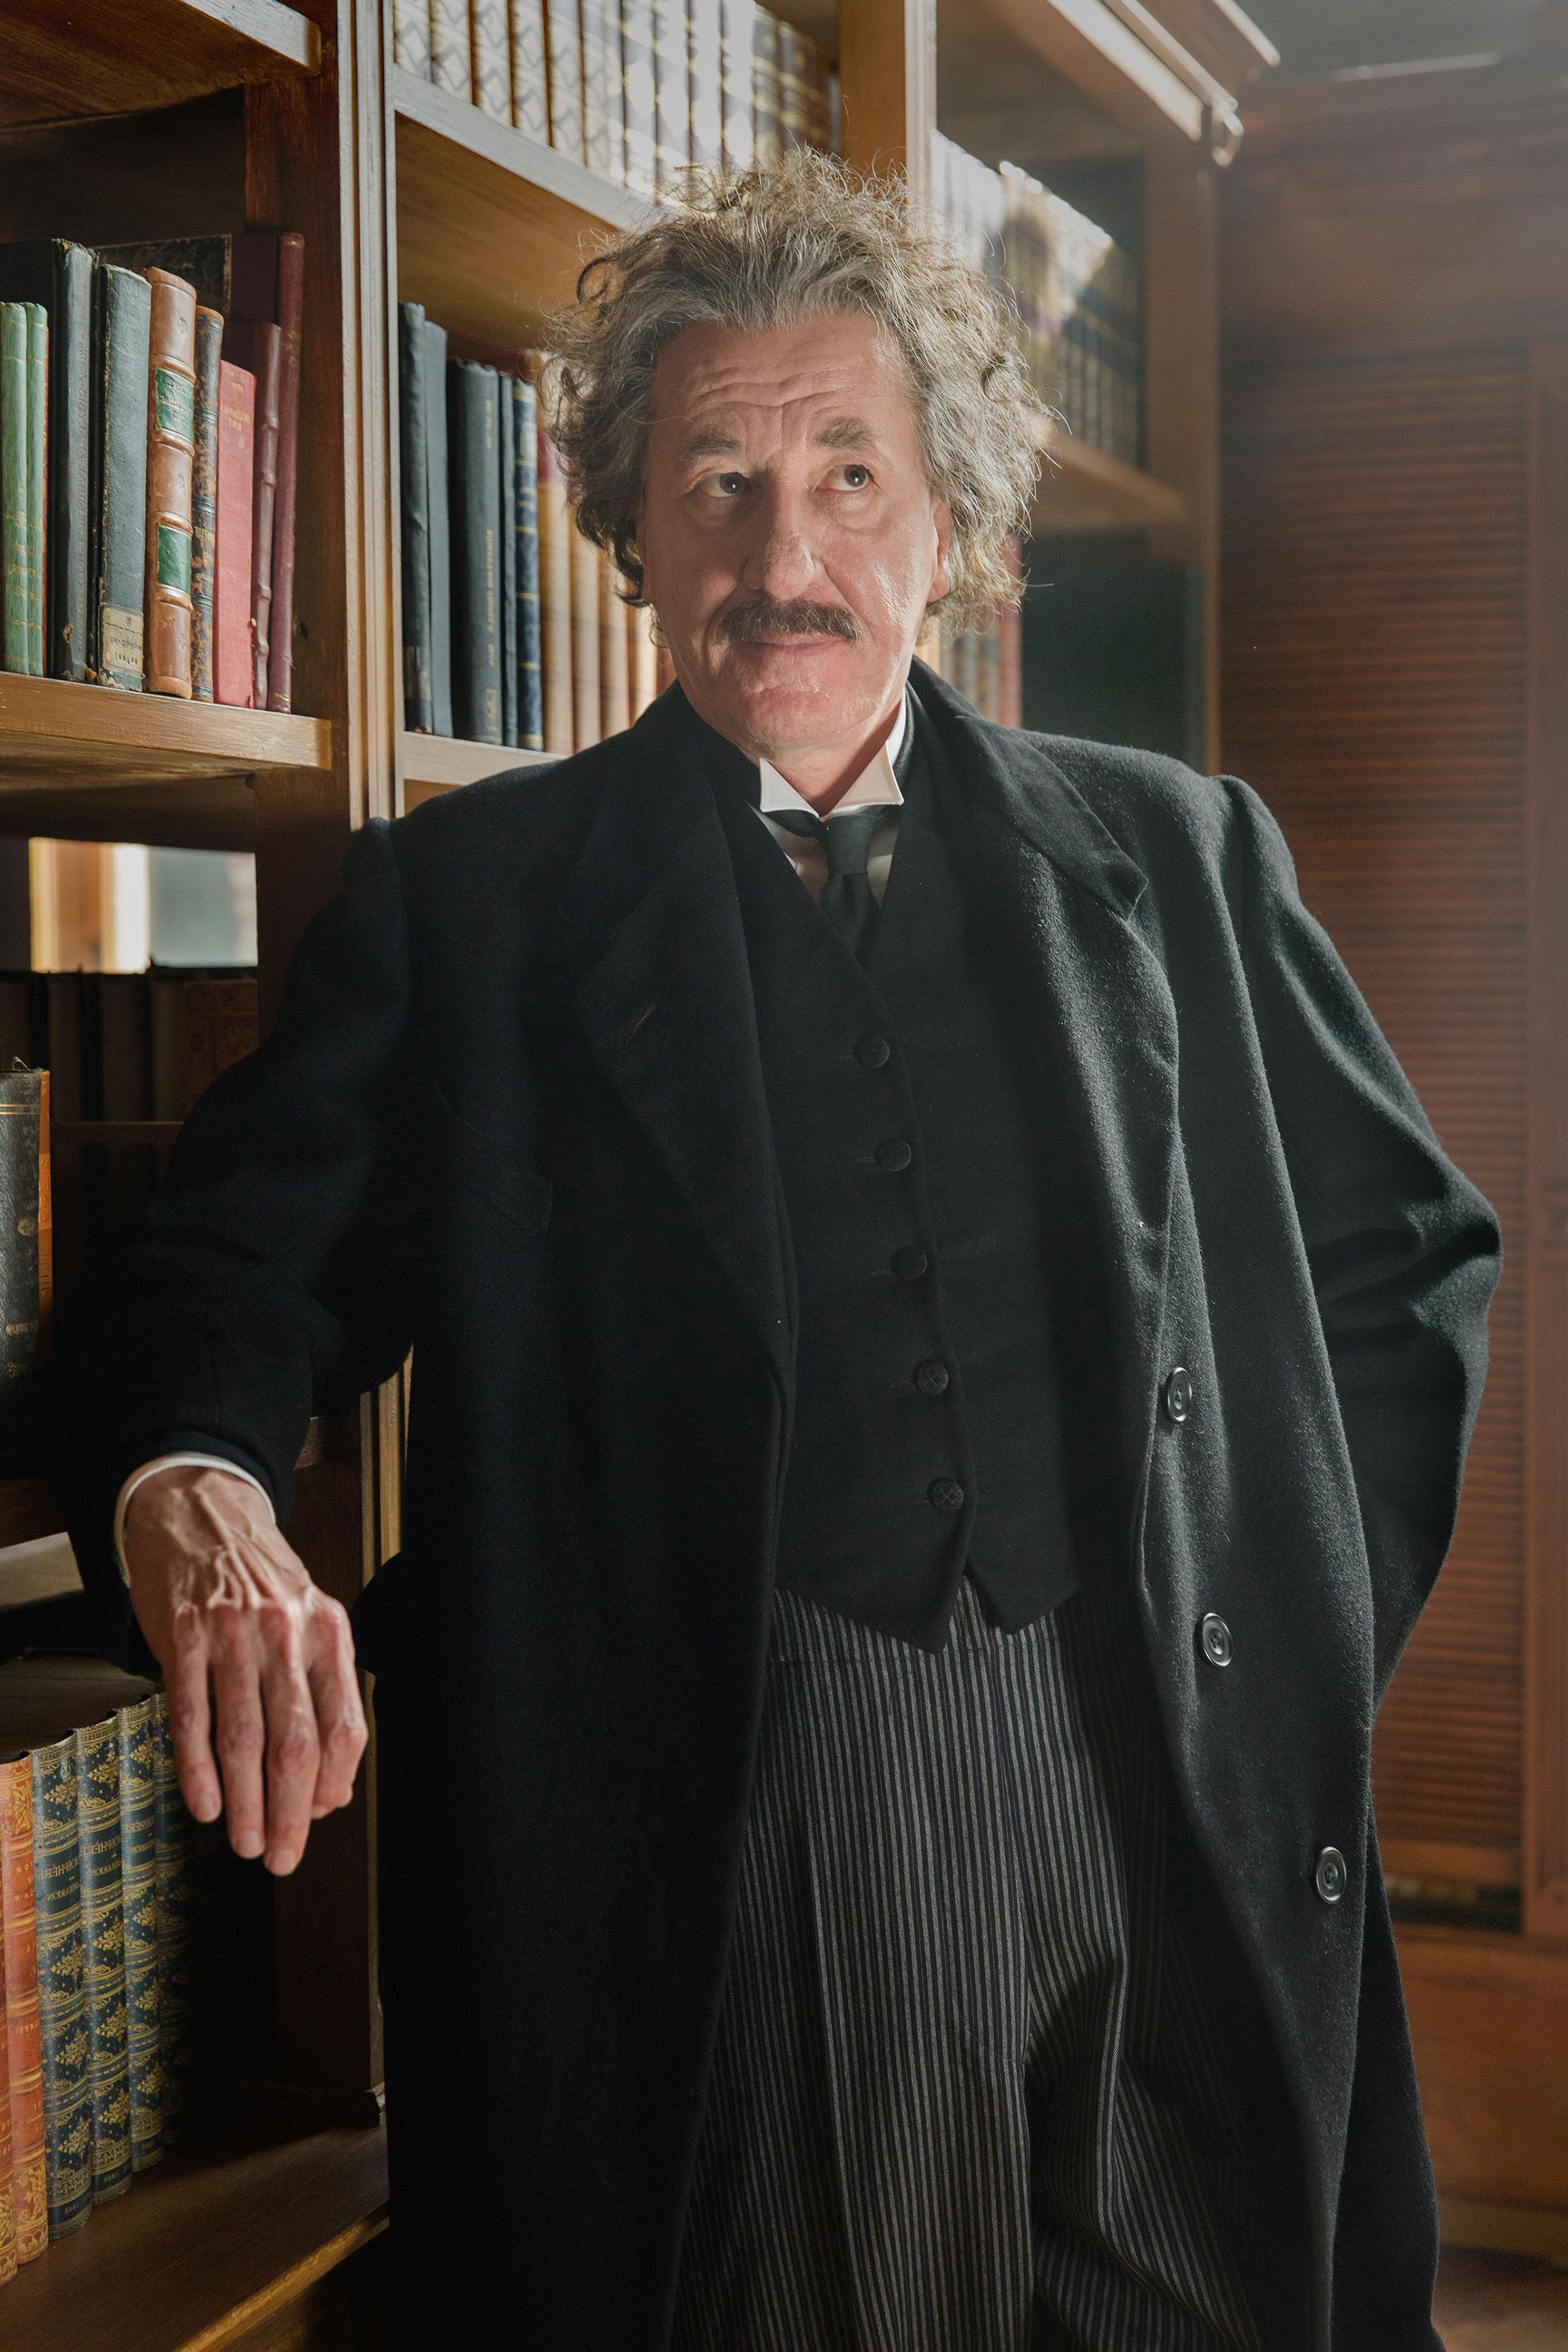 סדרה חדשה עטורת כוכבים על אלברט איינשטיין